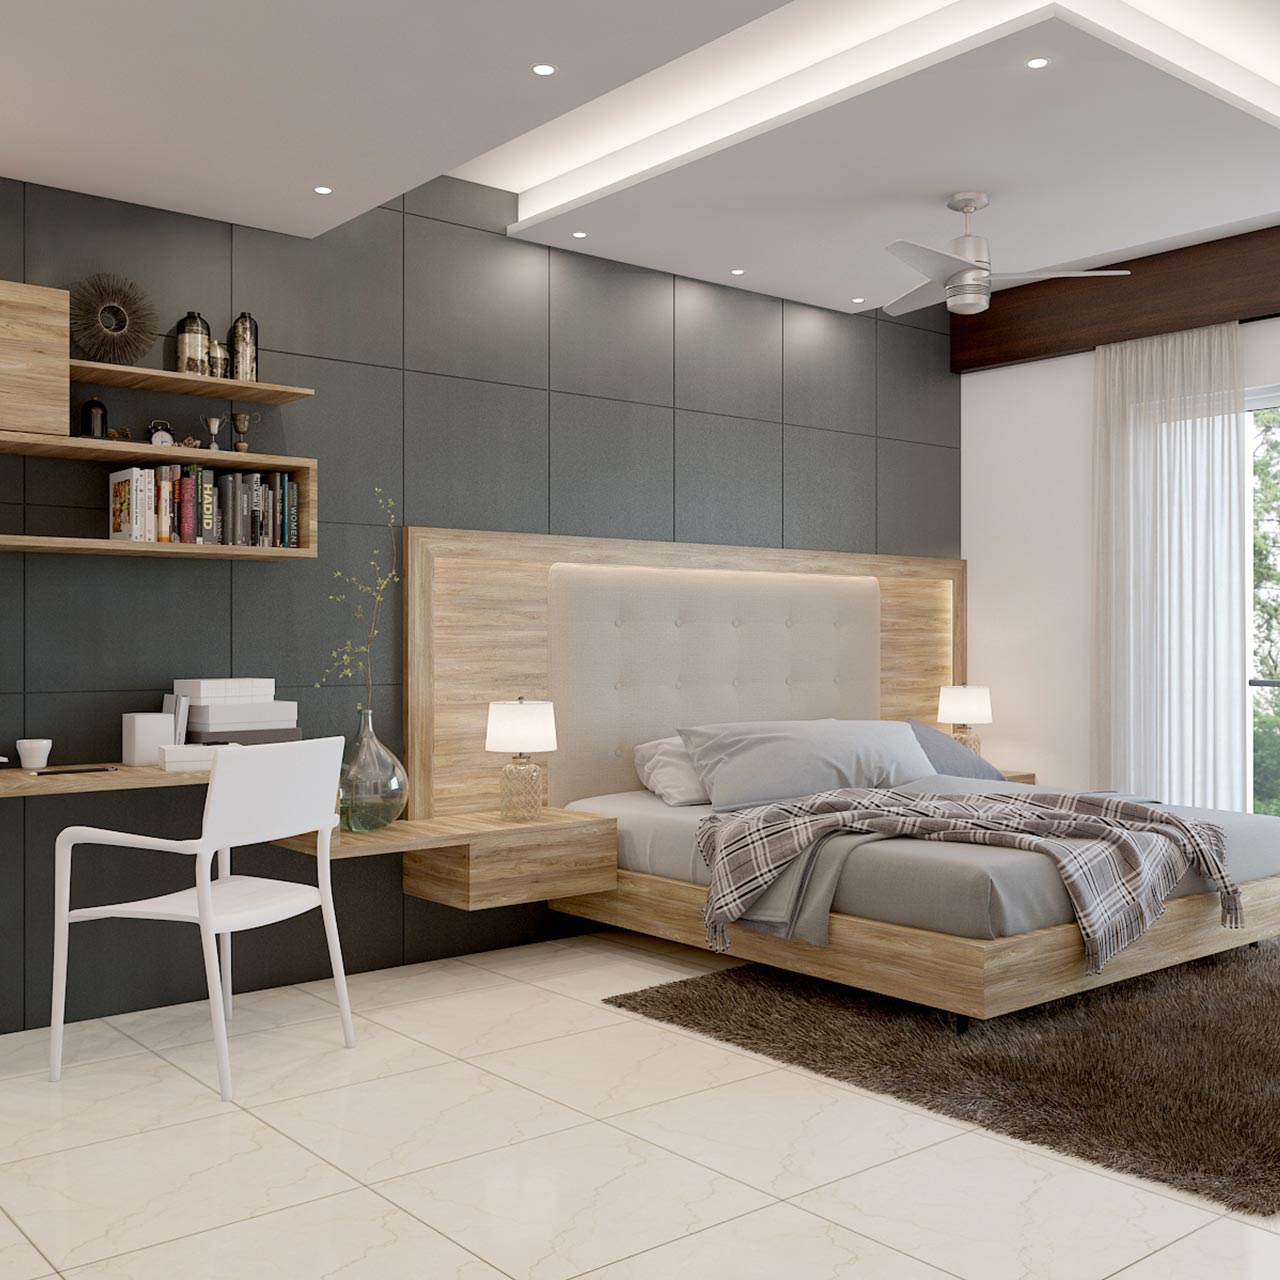 Best False Ceiling Designs For Your Bedroom   Design Cafe on Simple Best Bedroom Design  id=82583